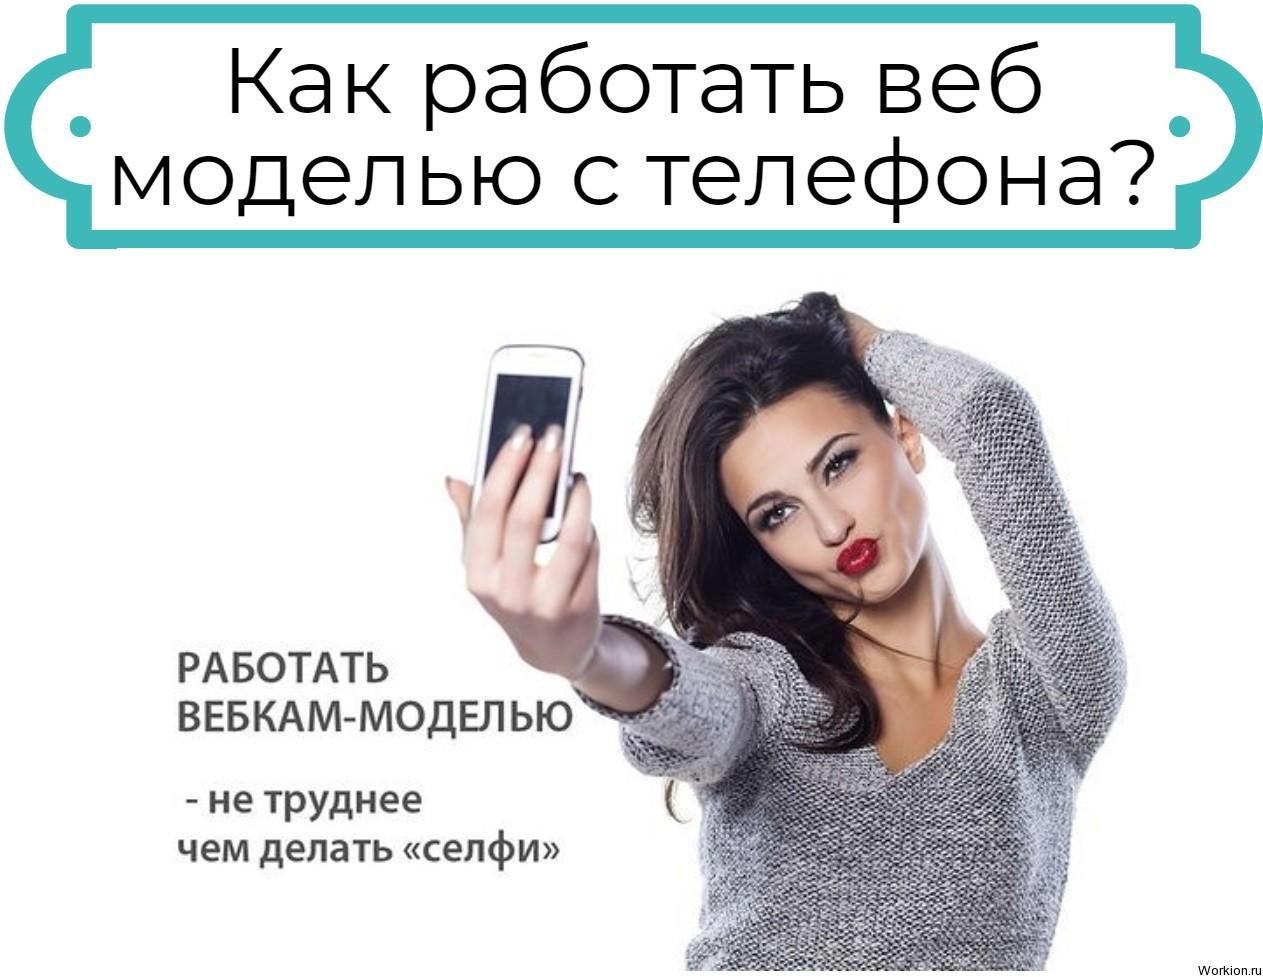 Как работать веб моделью с телефона